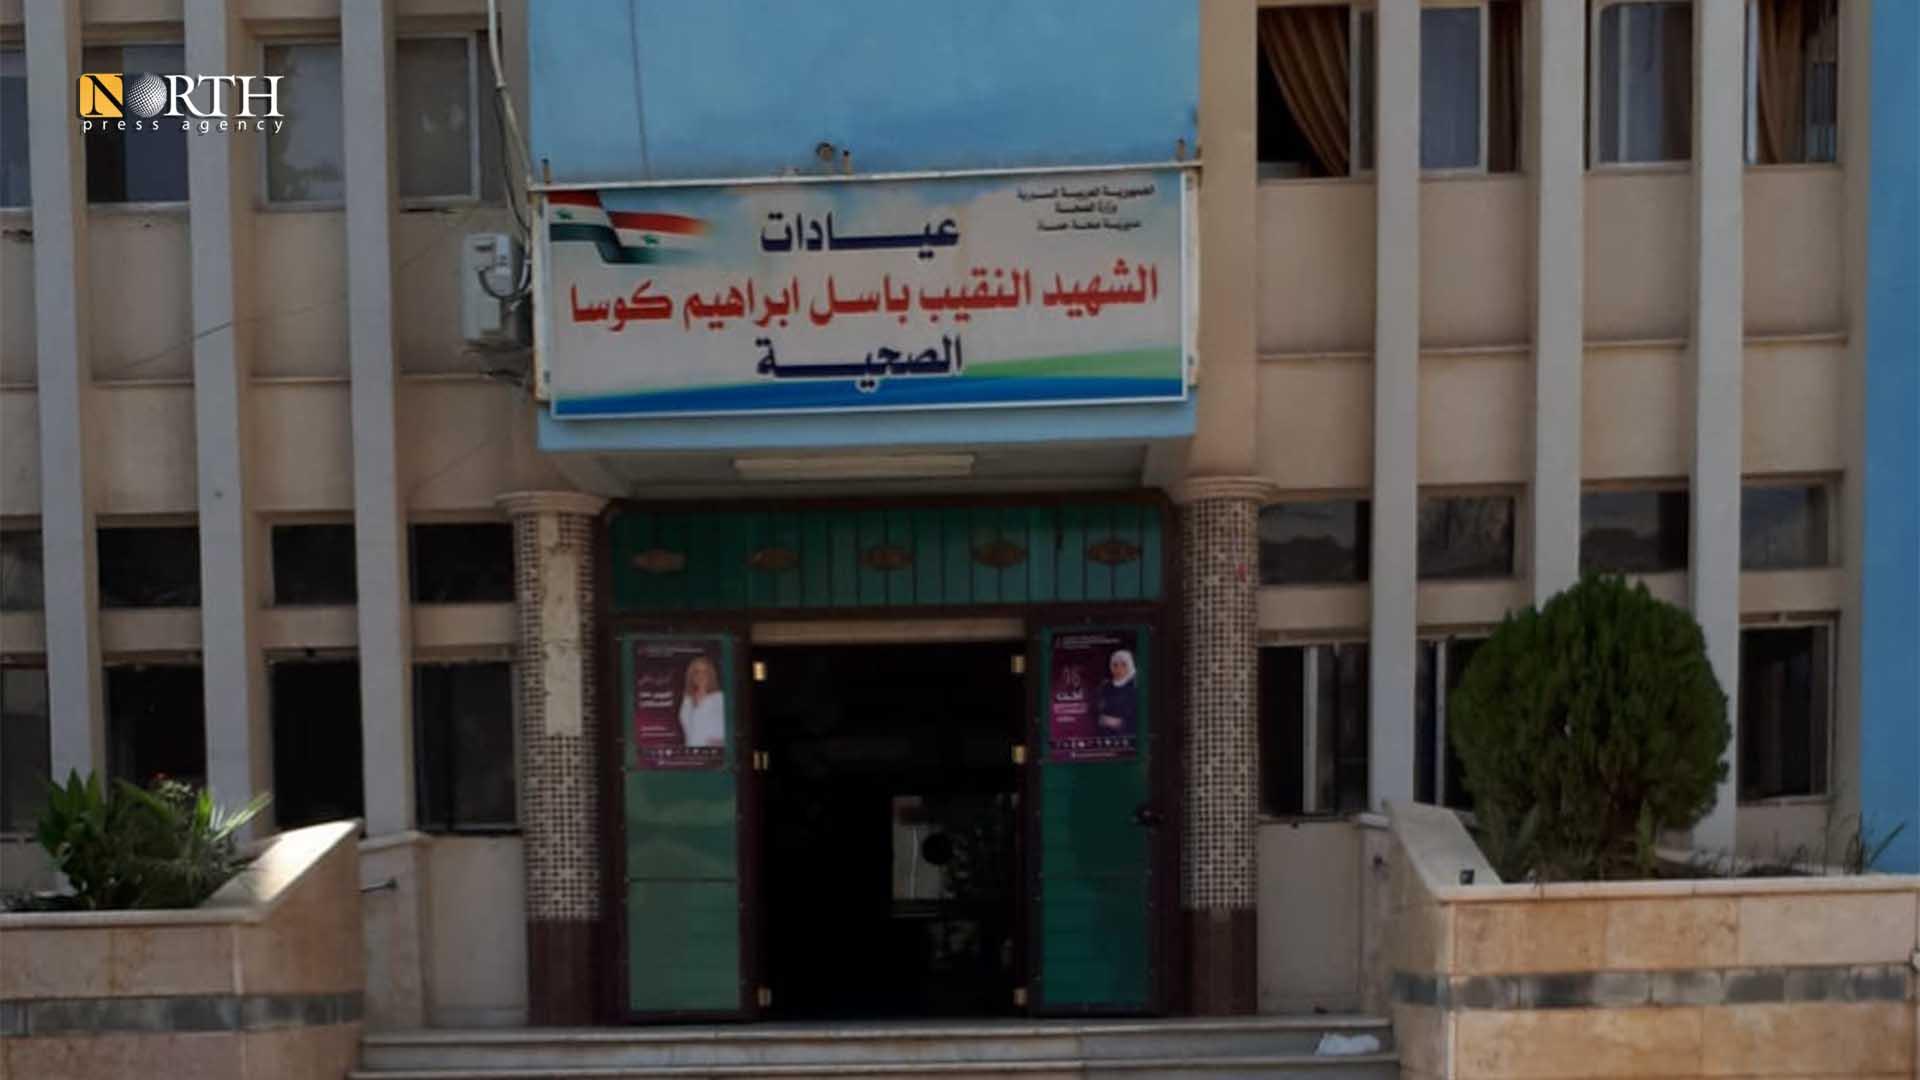 Comprehensive clinics center in Hama- North Press